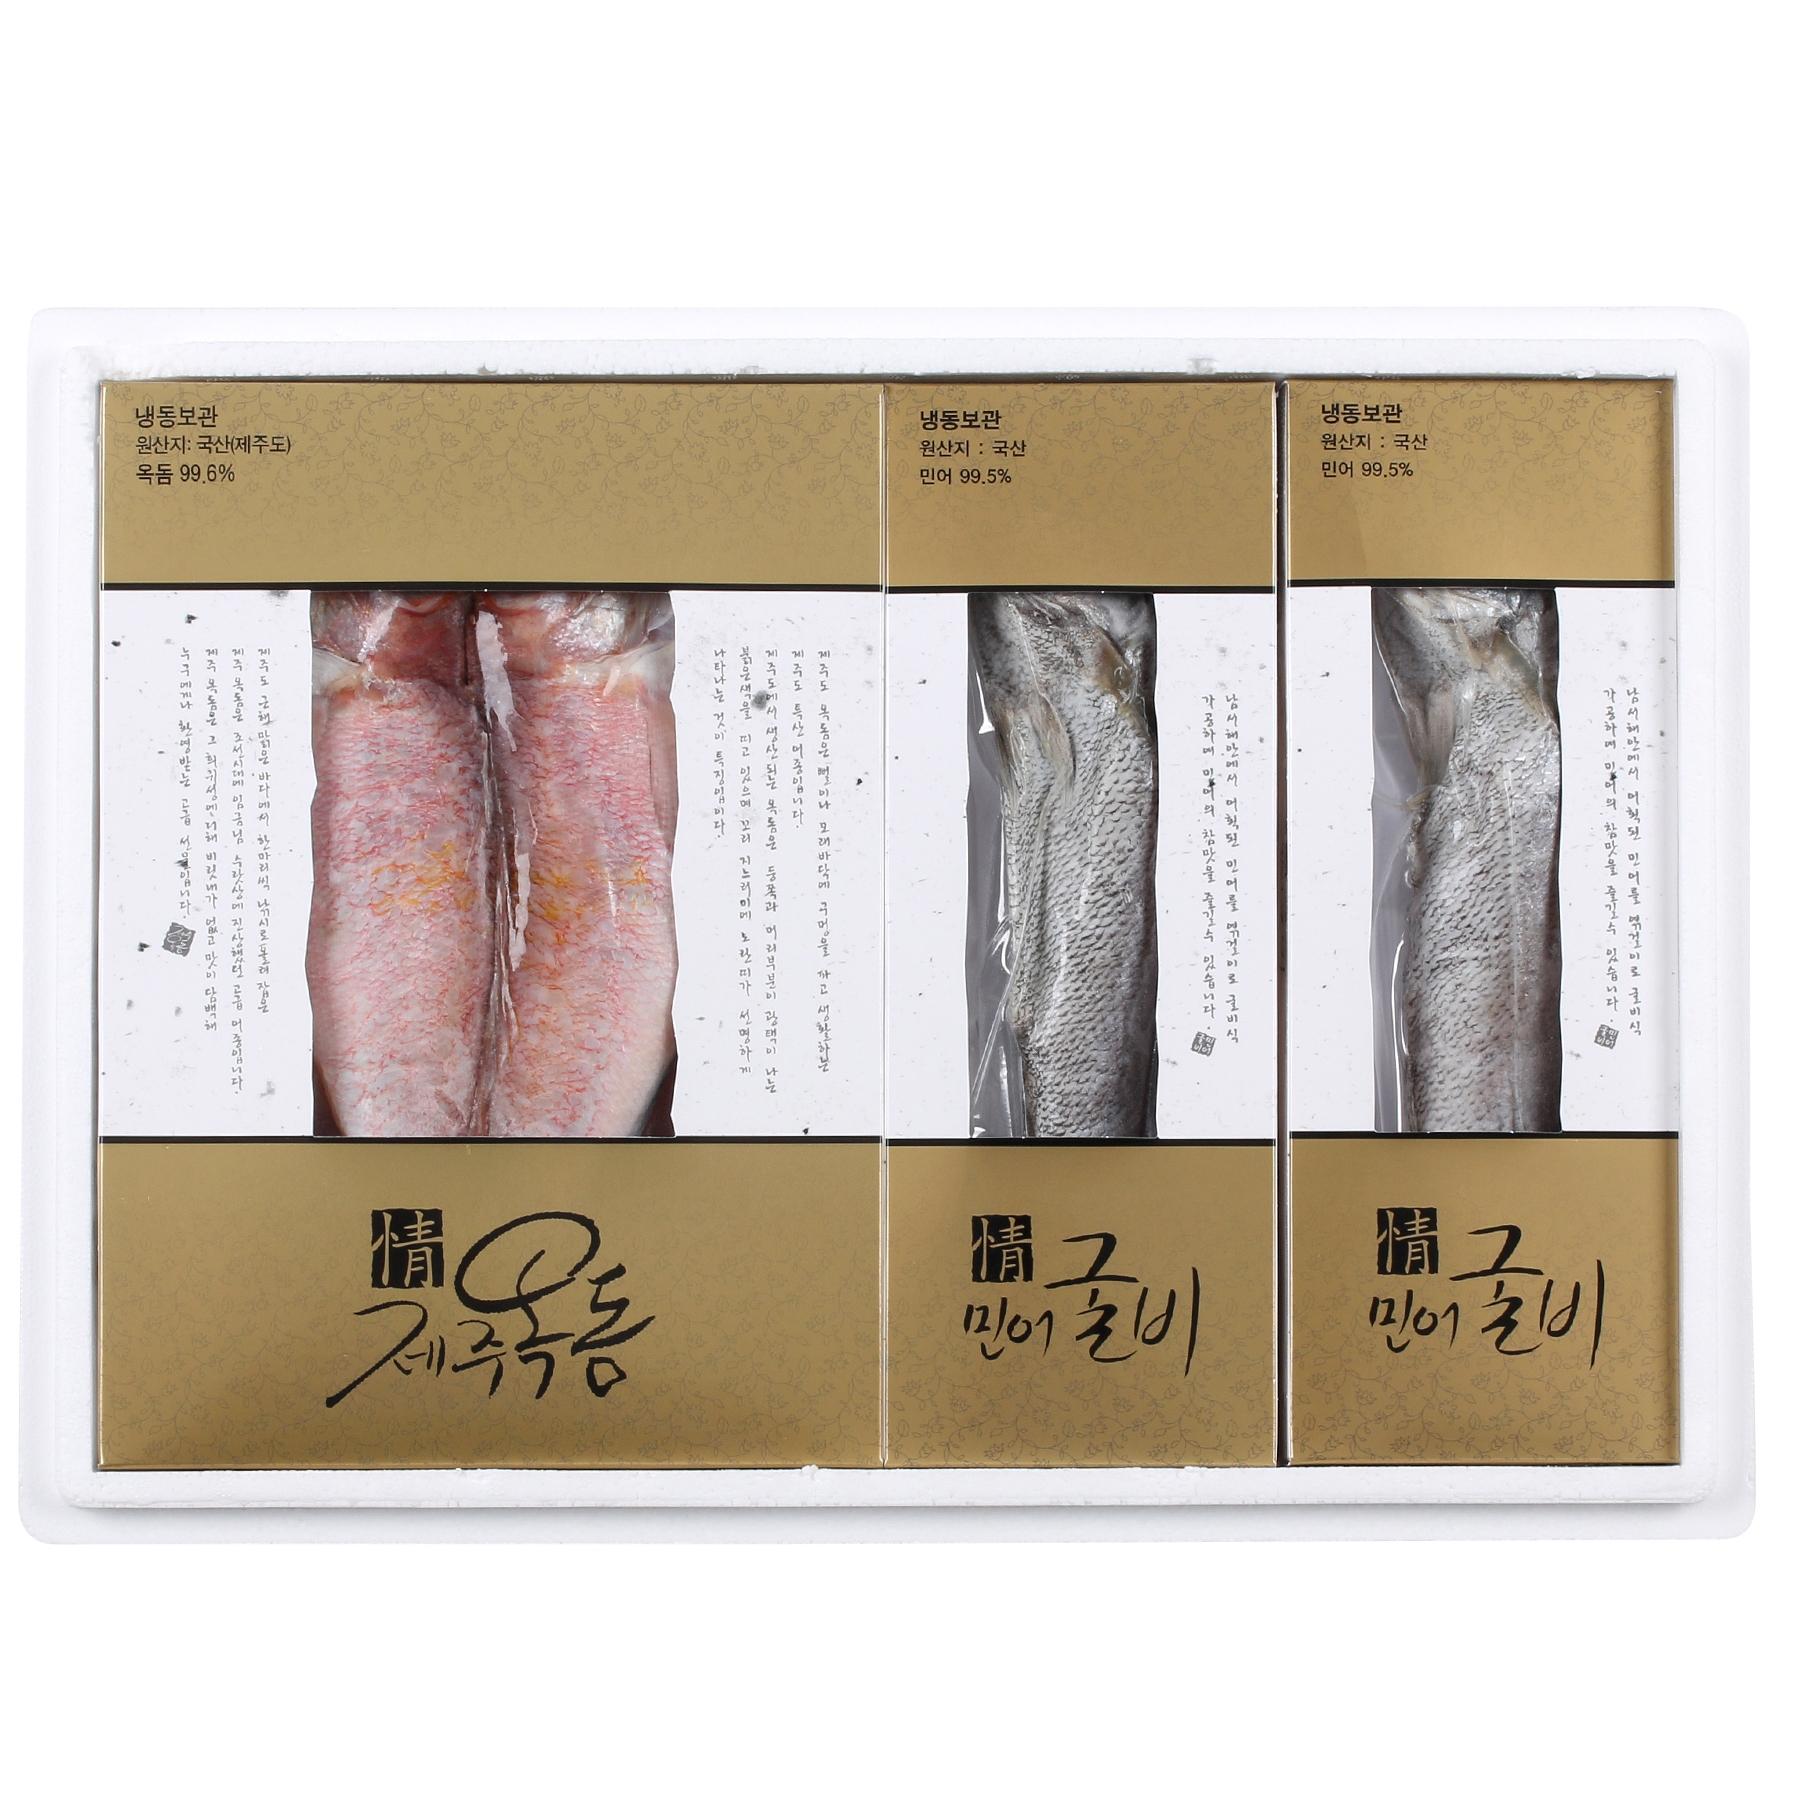 [명절]옥돔/민어선물세트